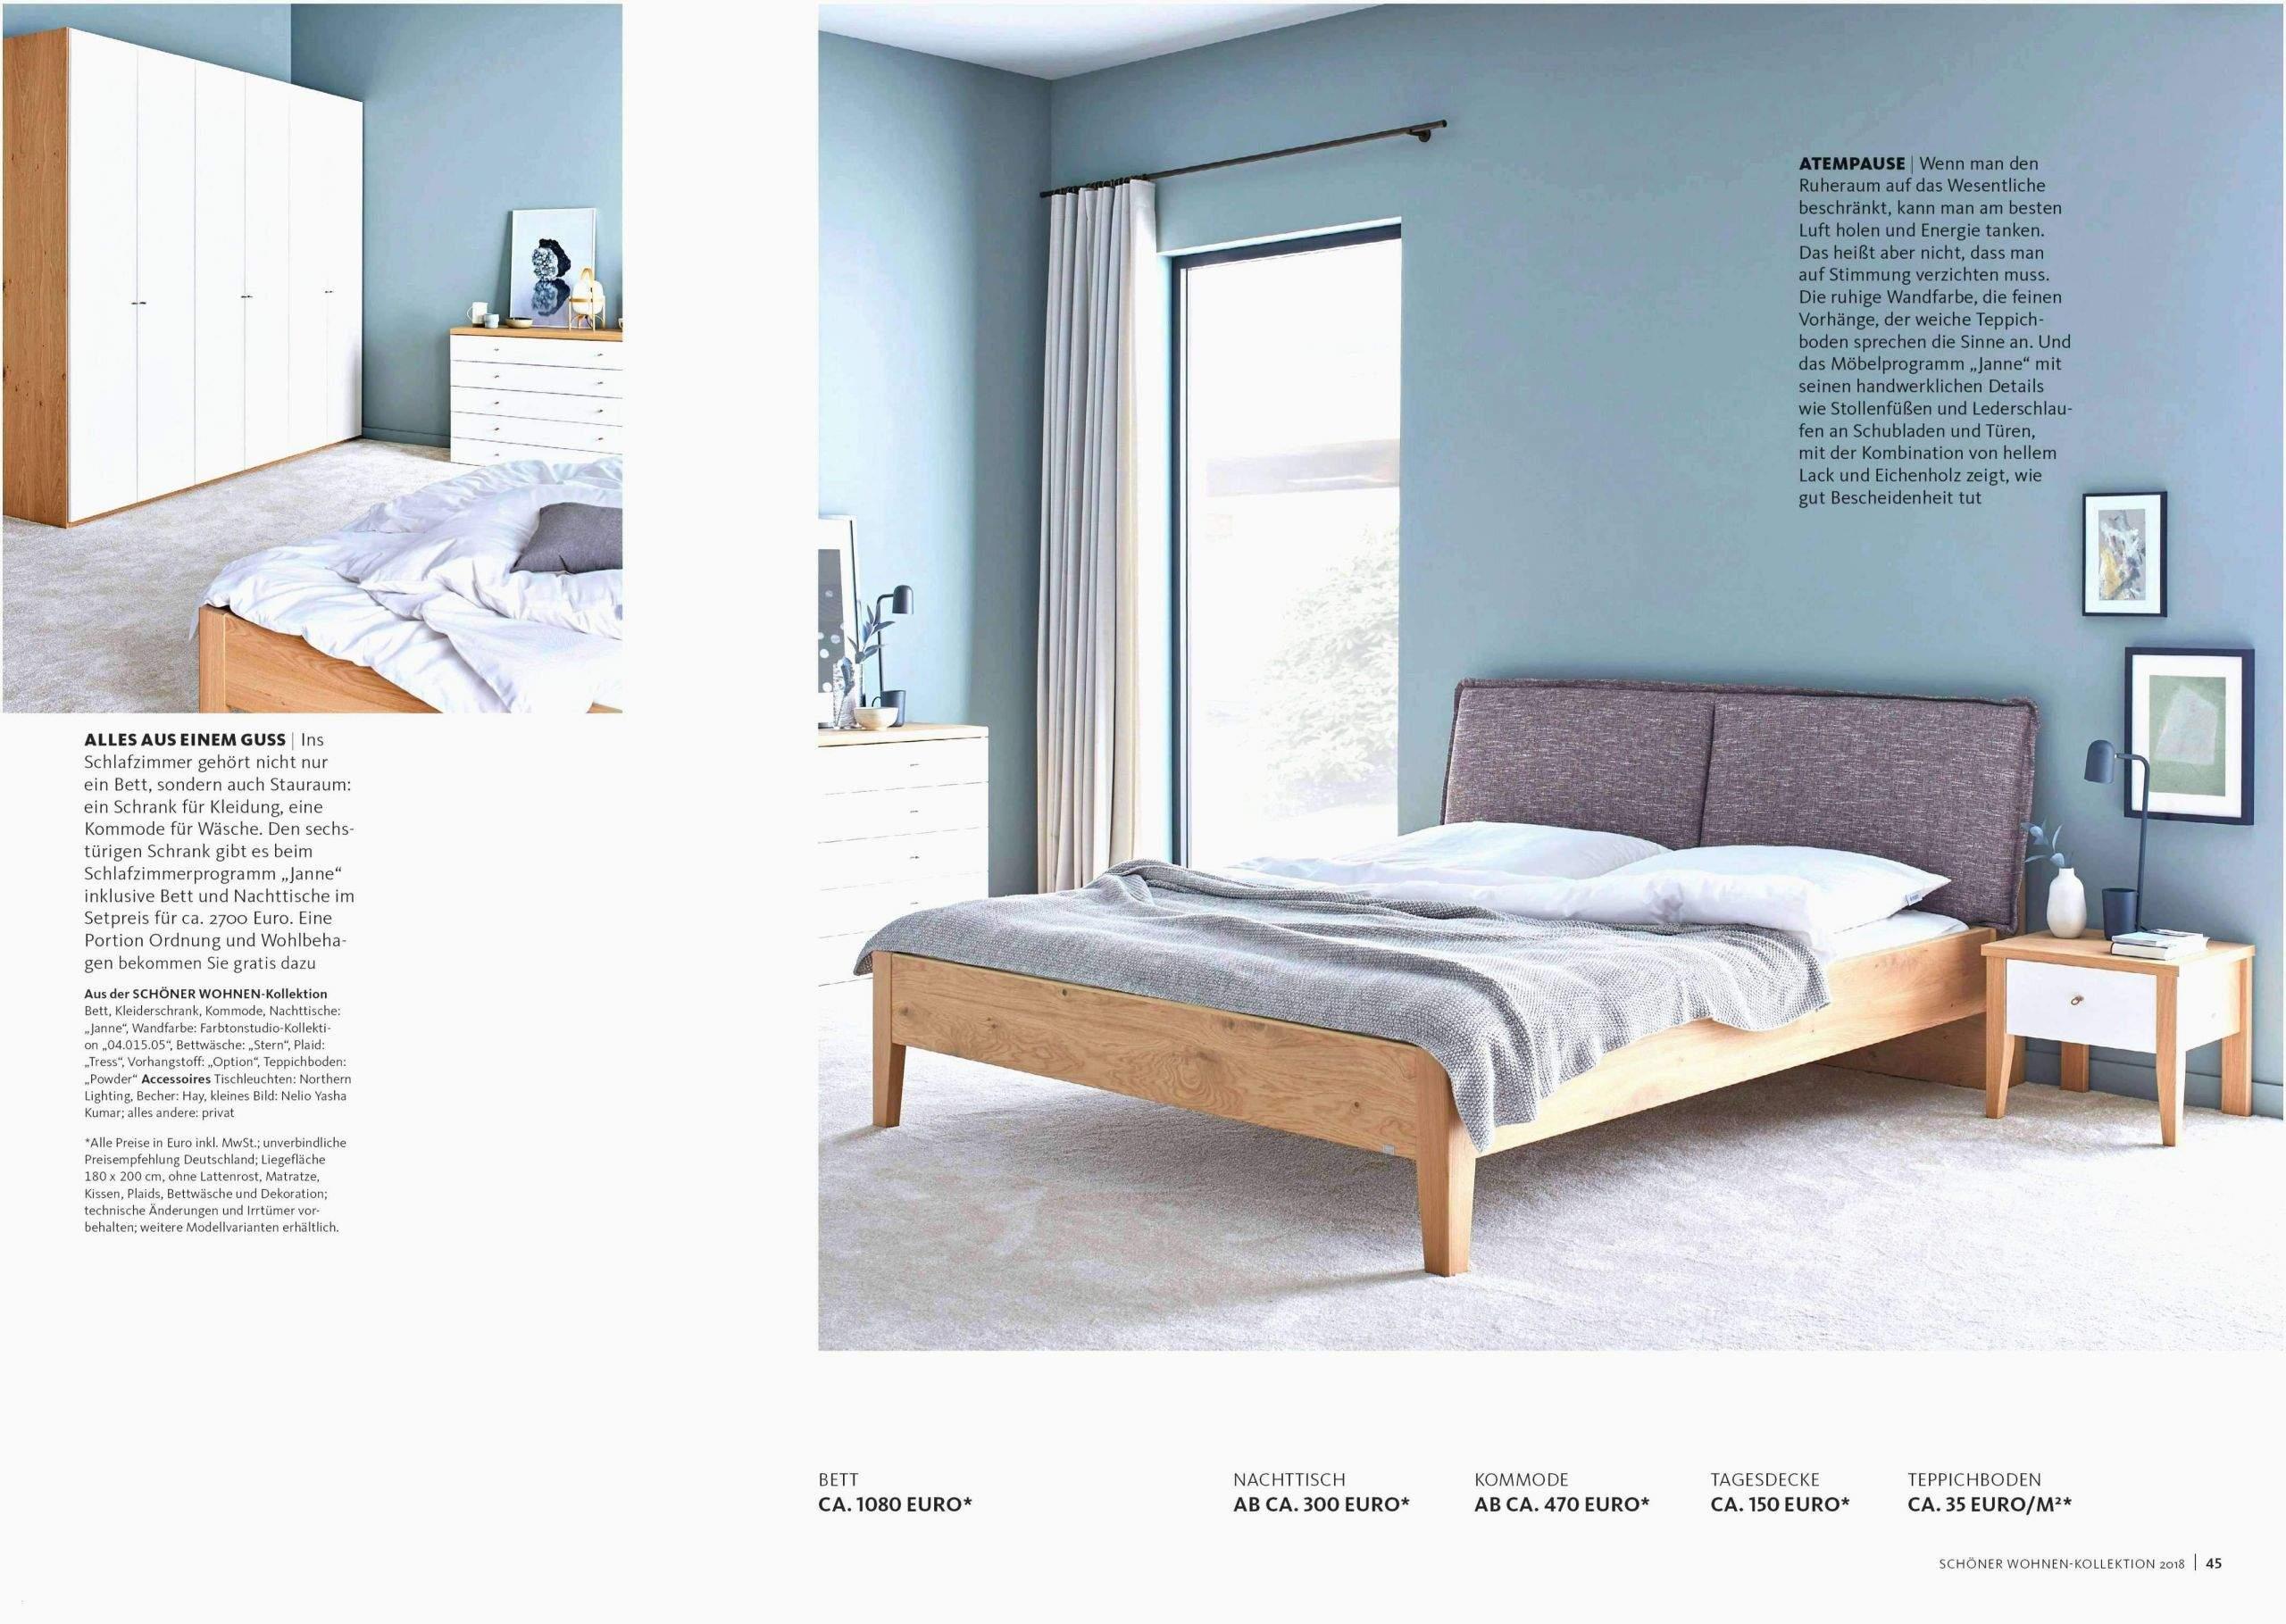 wohnzimmer schiebetur inspirierend wohnzimmerschrank schiebetur new gros schiebetur eingebaut of wohnzimmer schiebetur scaled